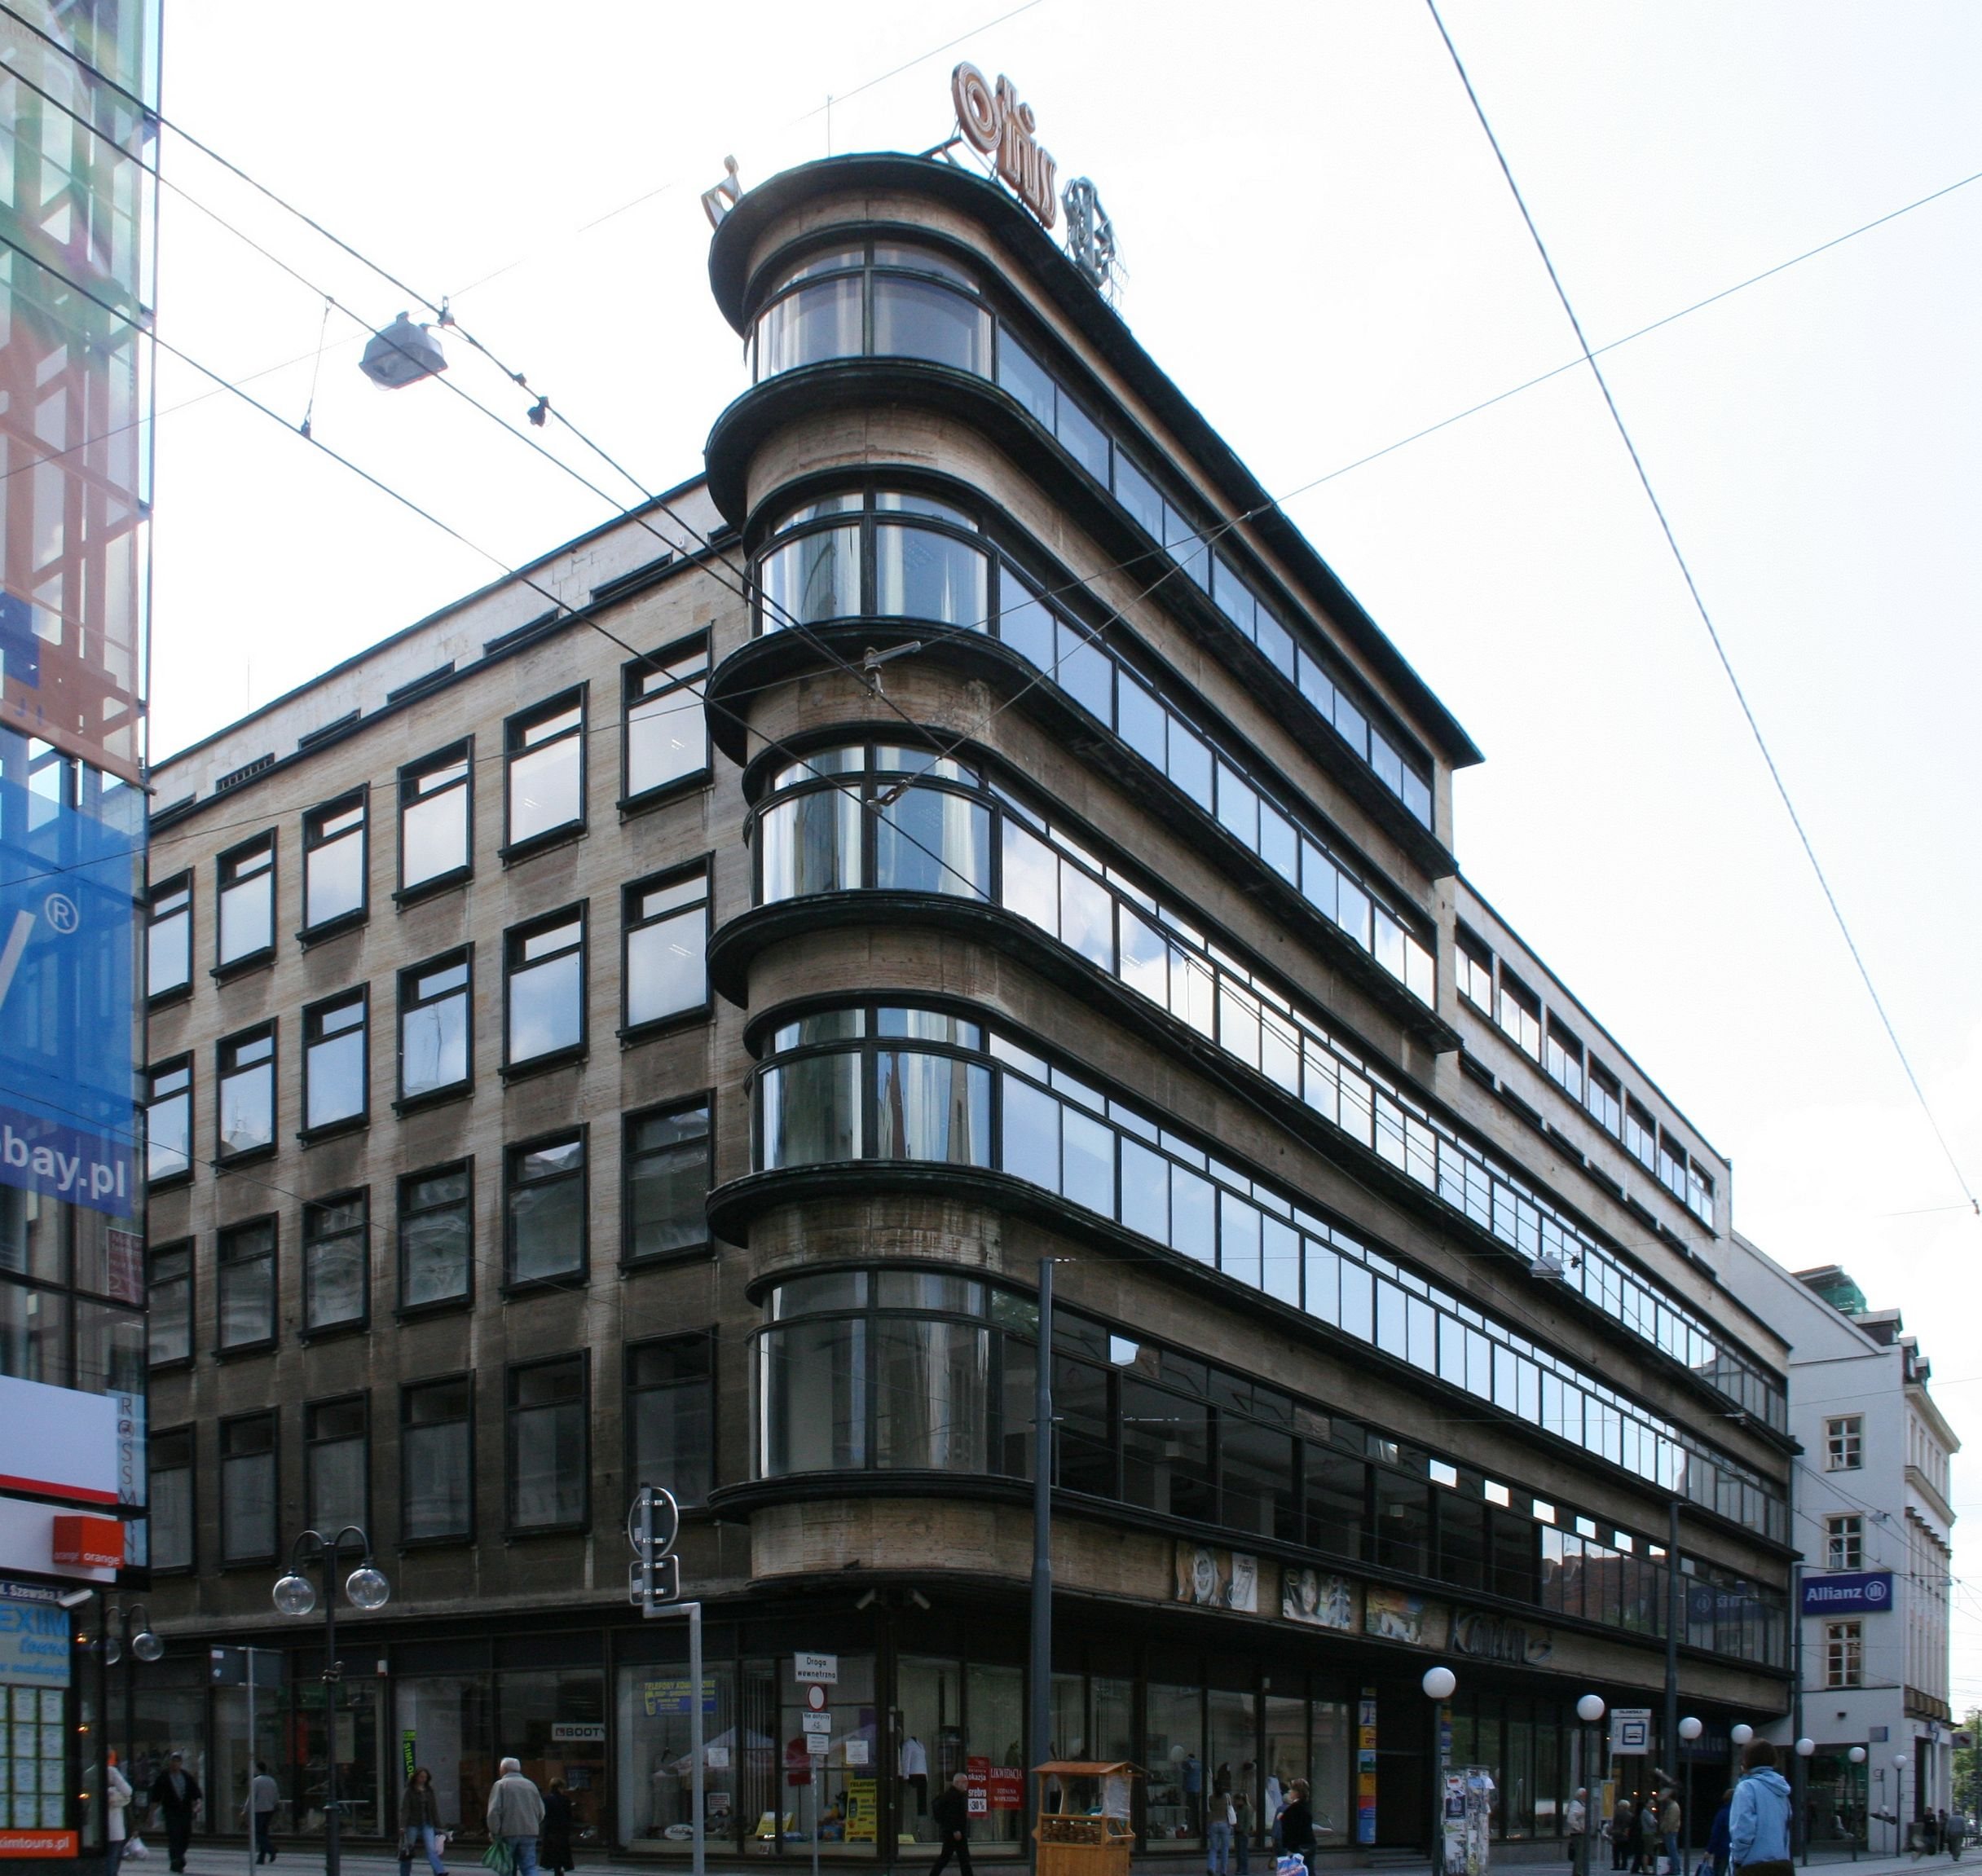 ehem kaufhaus schocken breslau wroclaw architects erich mendelsohn architektur kaufhaus. Black Bedroom Furniture Sets. Home Design Ideas